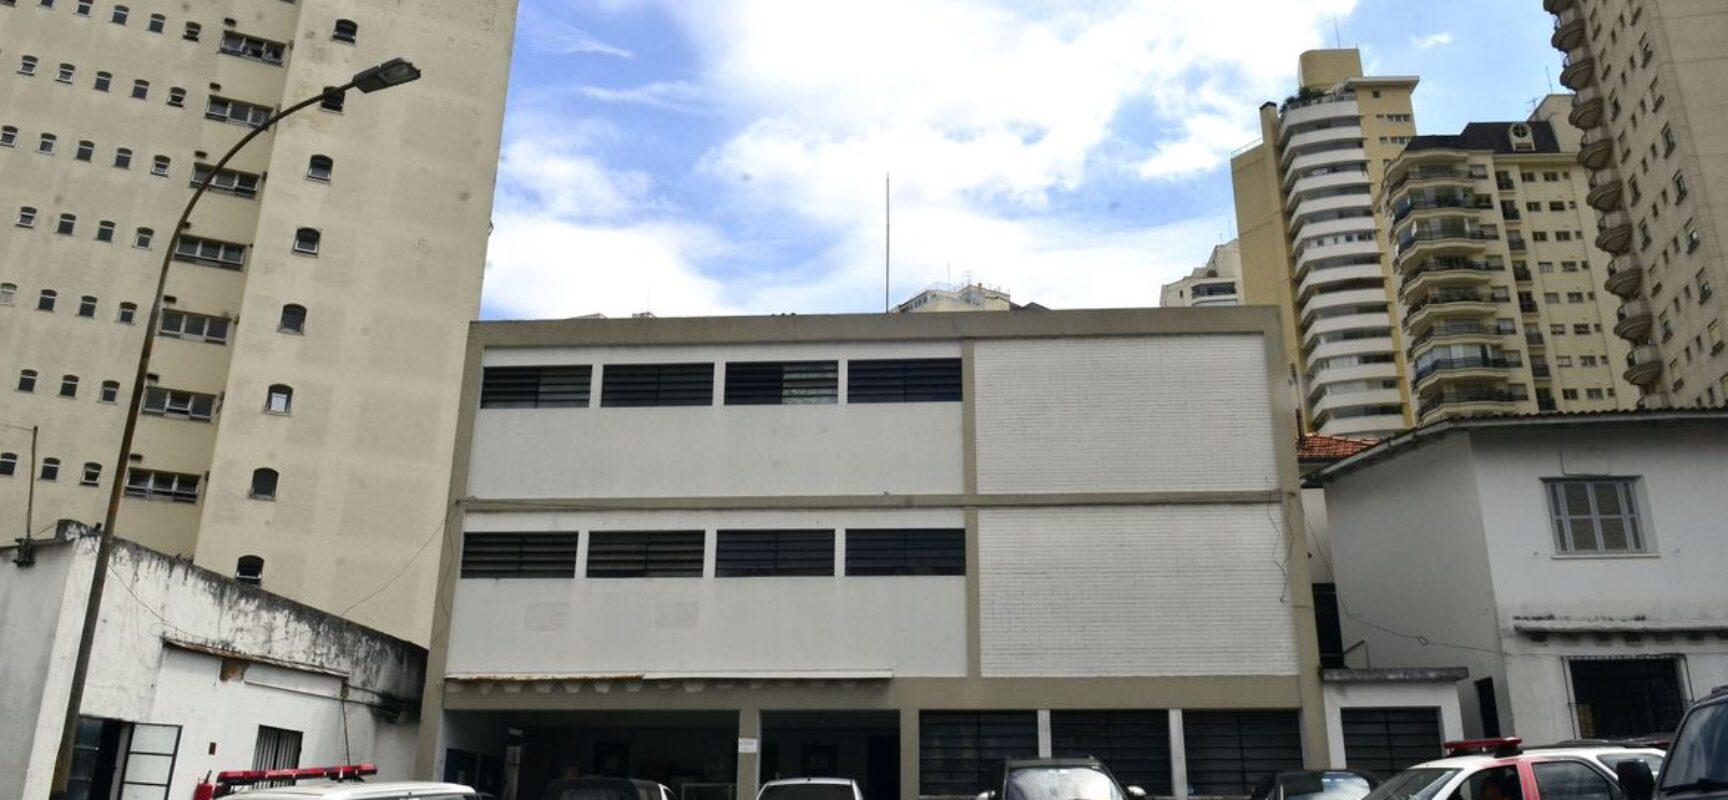 Justiça determina preservação de sede do DOI-Codi em São Paulo